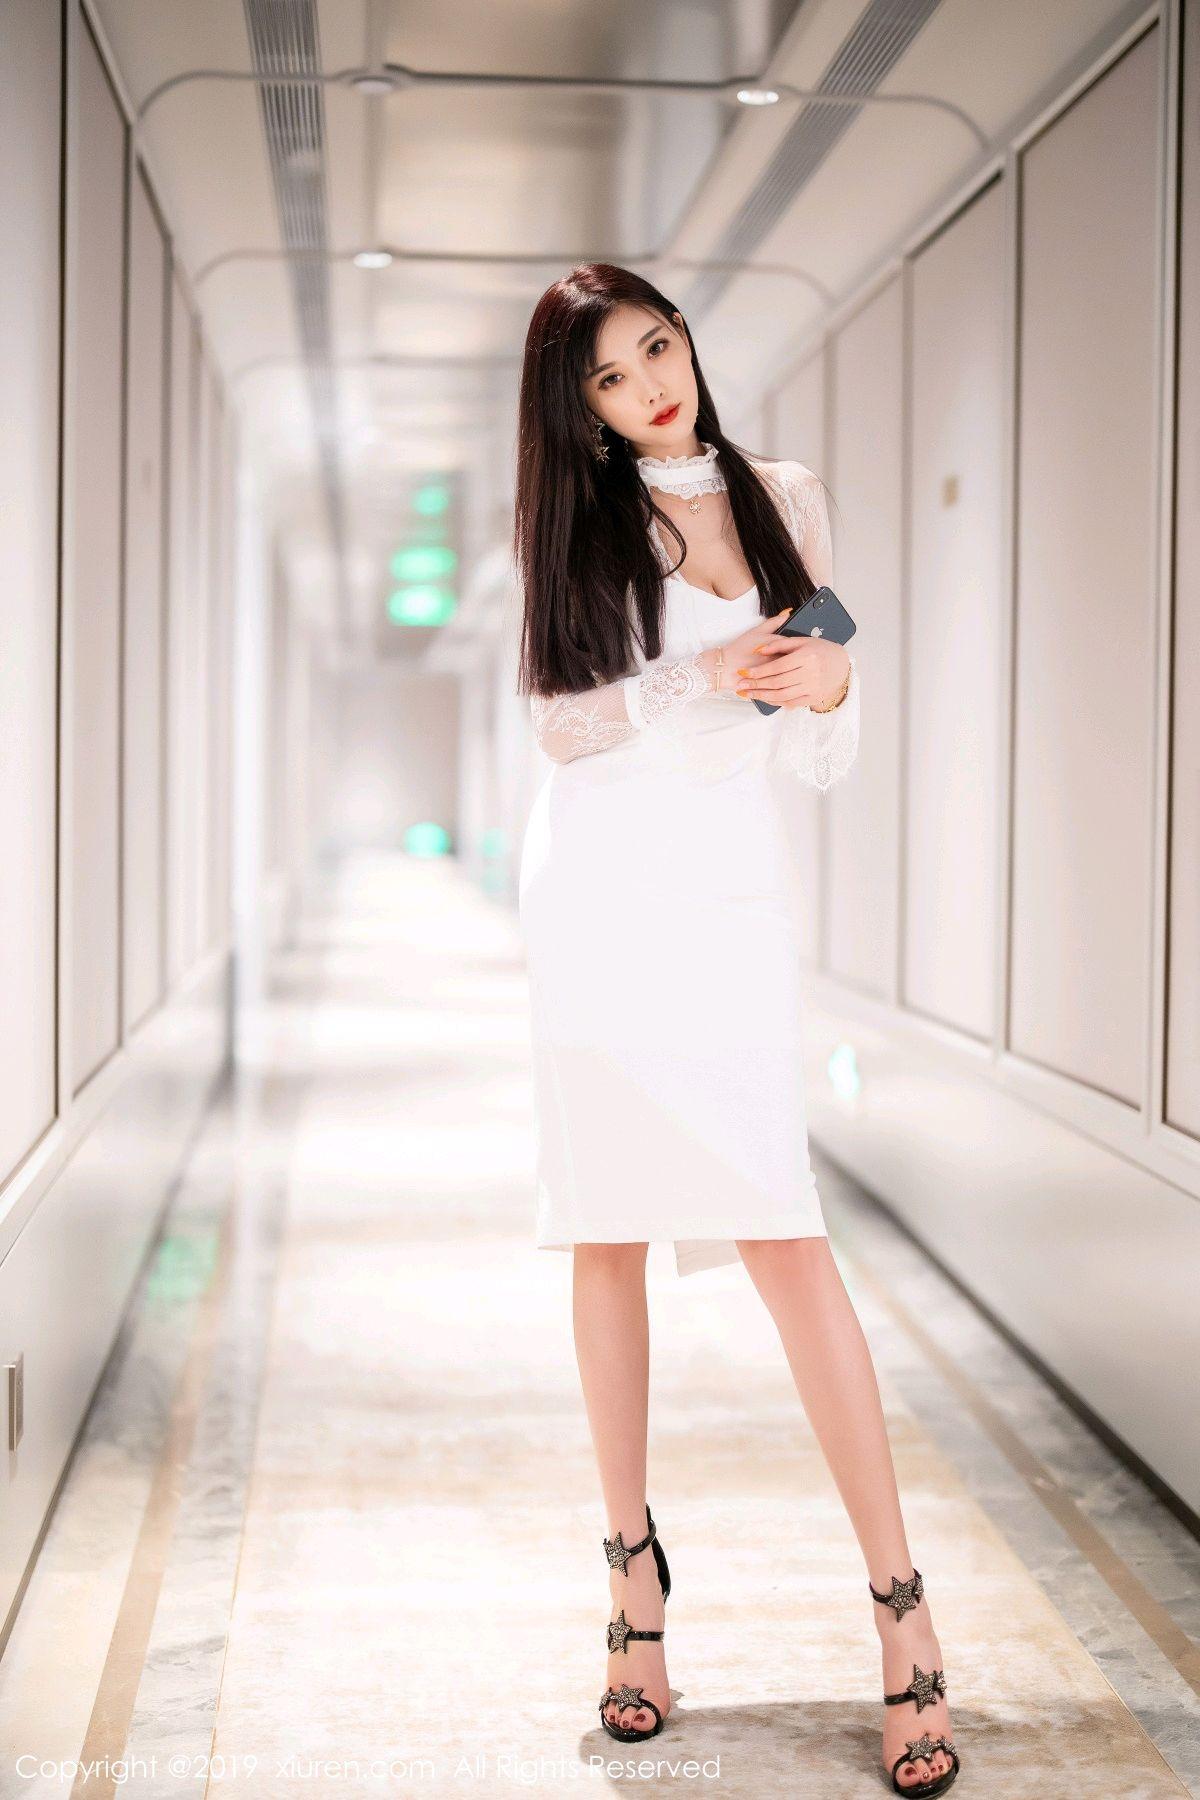 [XiuRen] Vol.1889 Yang Chen Chen 21P, Sexy, Tall, Xiuren, Yang Chen Chen